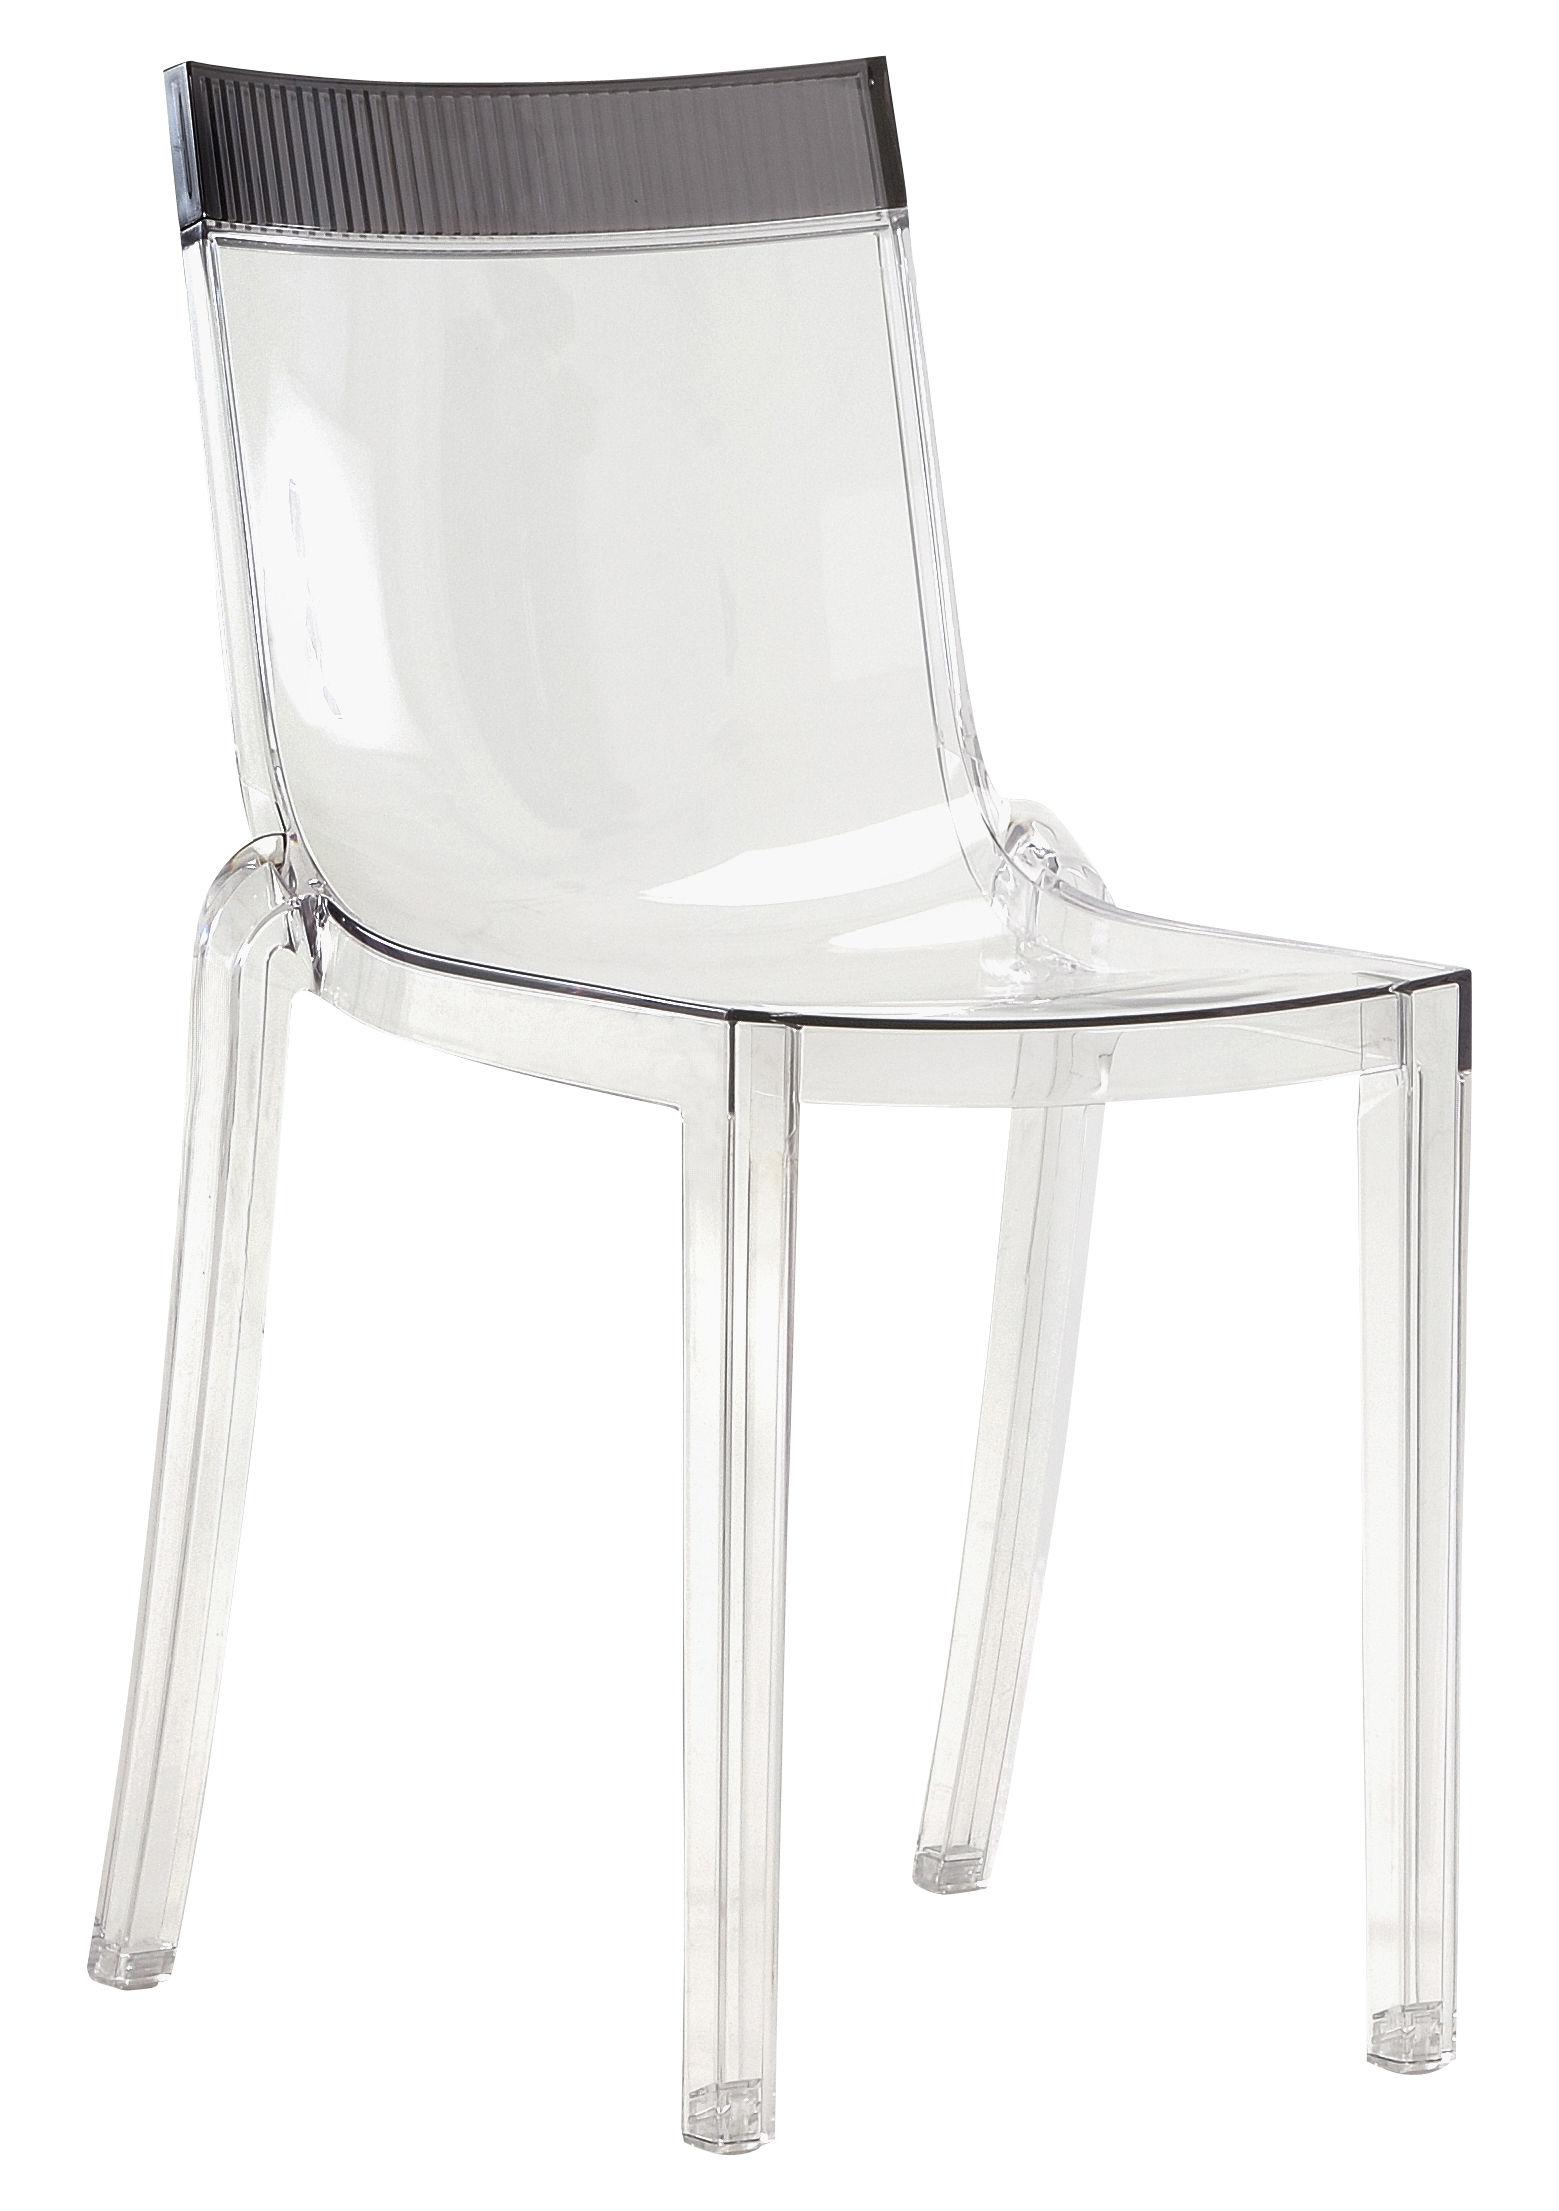 Chaise empilable hi cut transparente polycarbonate cristal orange kartell - Chaise transparente polycarbonate ...